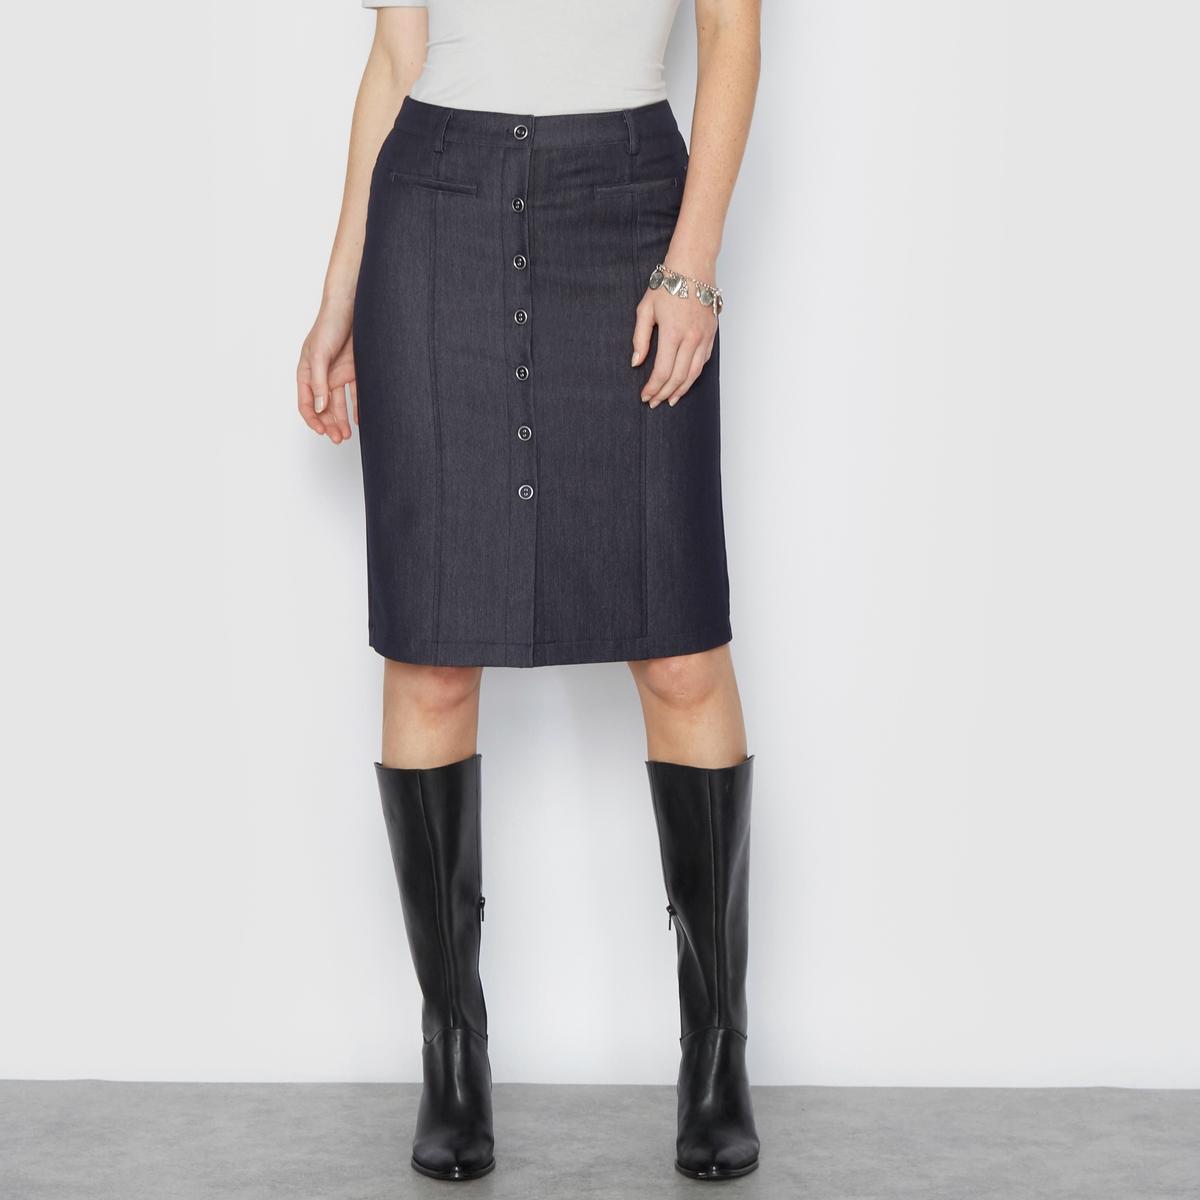 Юбка с джинсовым эффектом из ткани стрейчПрямая, очень изящная юбка с джинсовым эффектом. Планка застёжки на пуговицы спереди. Ложные прорезные карманы спереди и сзади. Складки с видимыми швами спереди . Красивая стрейчевая саржа великолепно сидит и тянется, обеспечивая идеальный комфорт. Саржа с шикарным джинсовым эффектом создает свободный и изысканный образ .     Состав и описание :Материал : Саржа 80% полиэстера, 15% вискозы, 5% эластана . Длина 56 см.Марка : Anne Weyburn.Уход: :Машинная стирка при 30° на умеренном режиме с вещами подобного цвета, с изнанки .Гладить при низкой температуре с изнаночной стороны.<br><br>Цвет: синий<br>Размер: 38 (FR) - 44 (RUS).48 (FR) - 54 (RUS).50 (FR) - 56 (RUS)